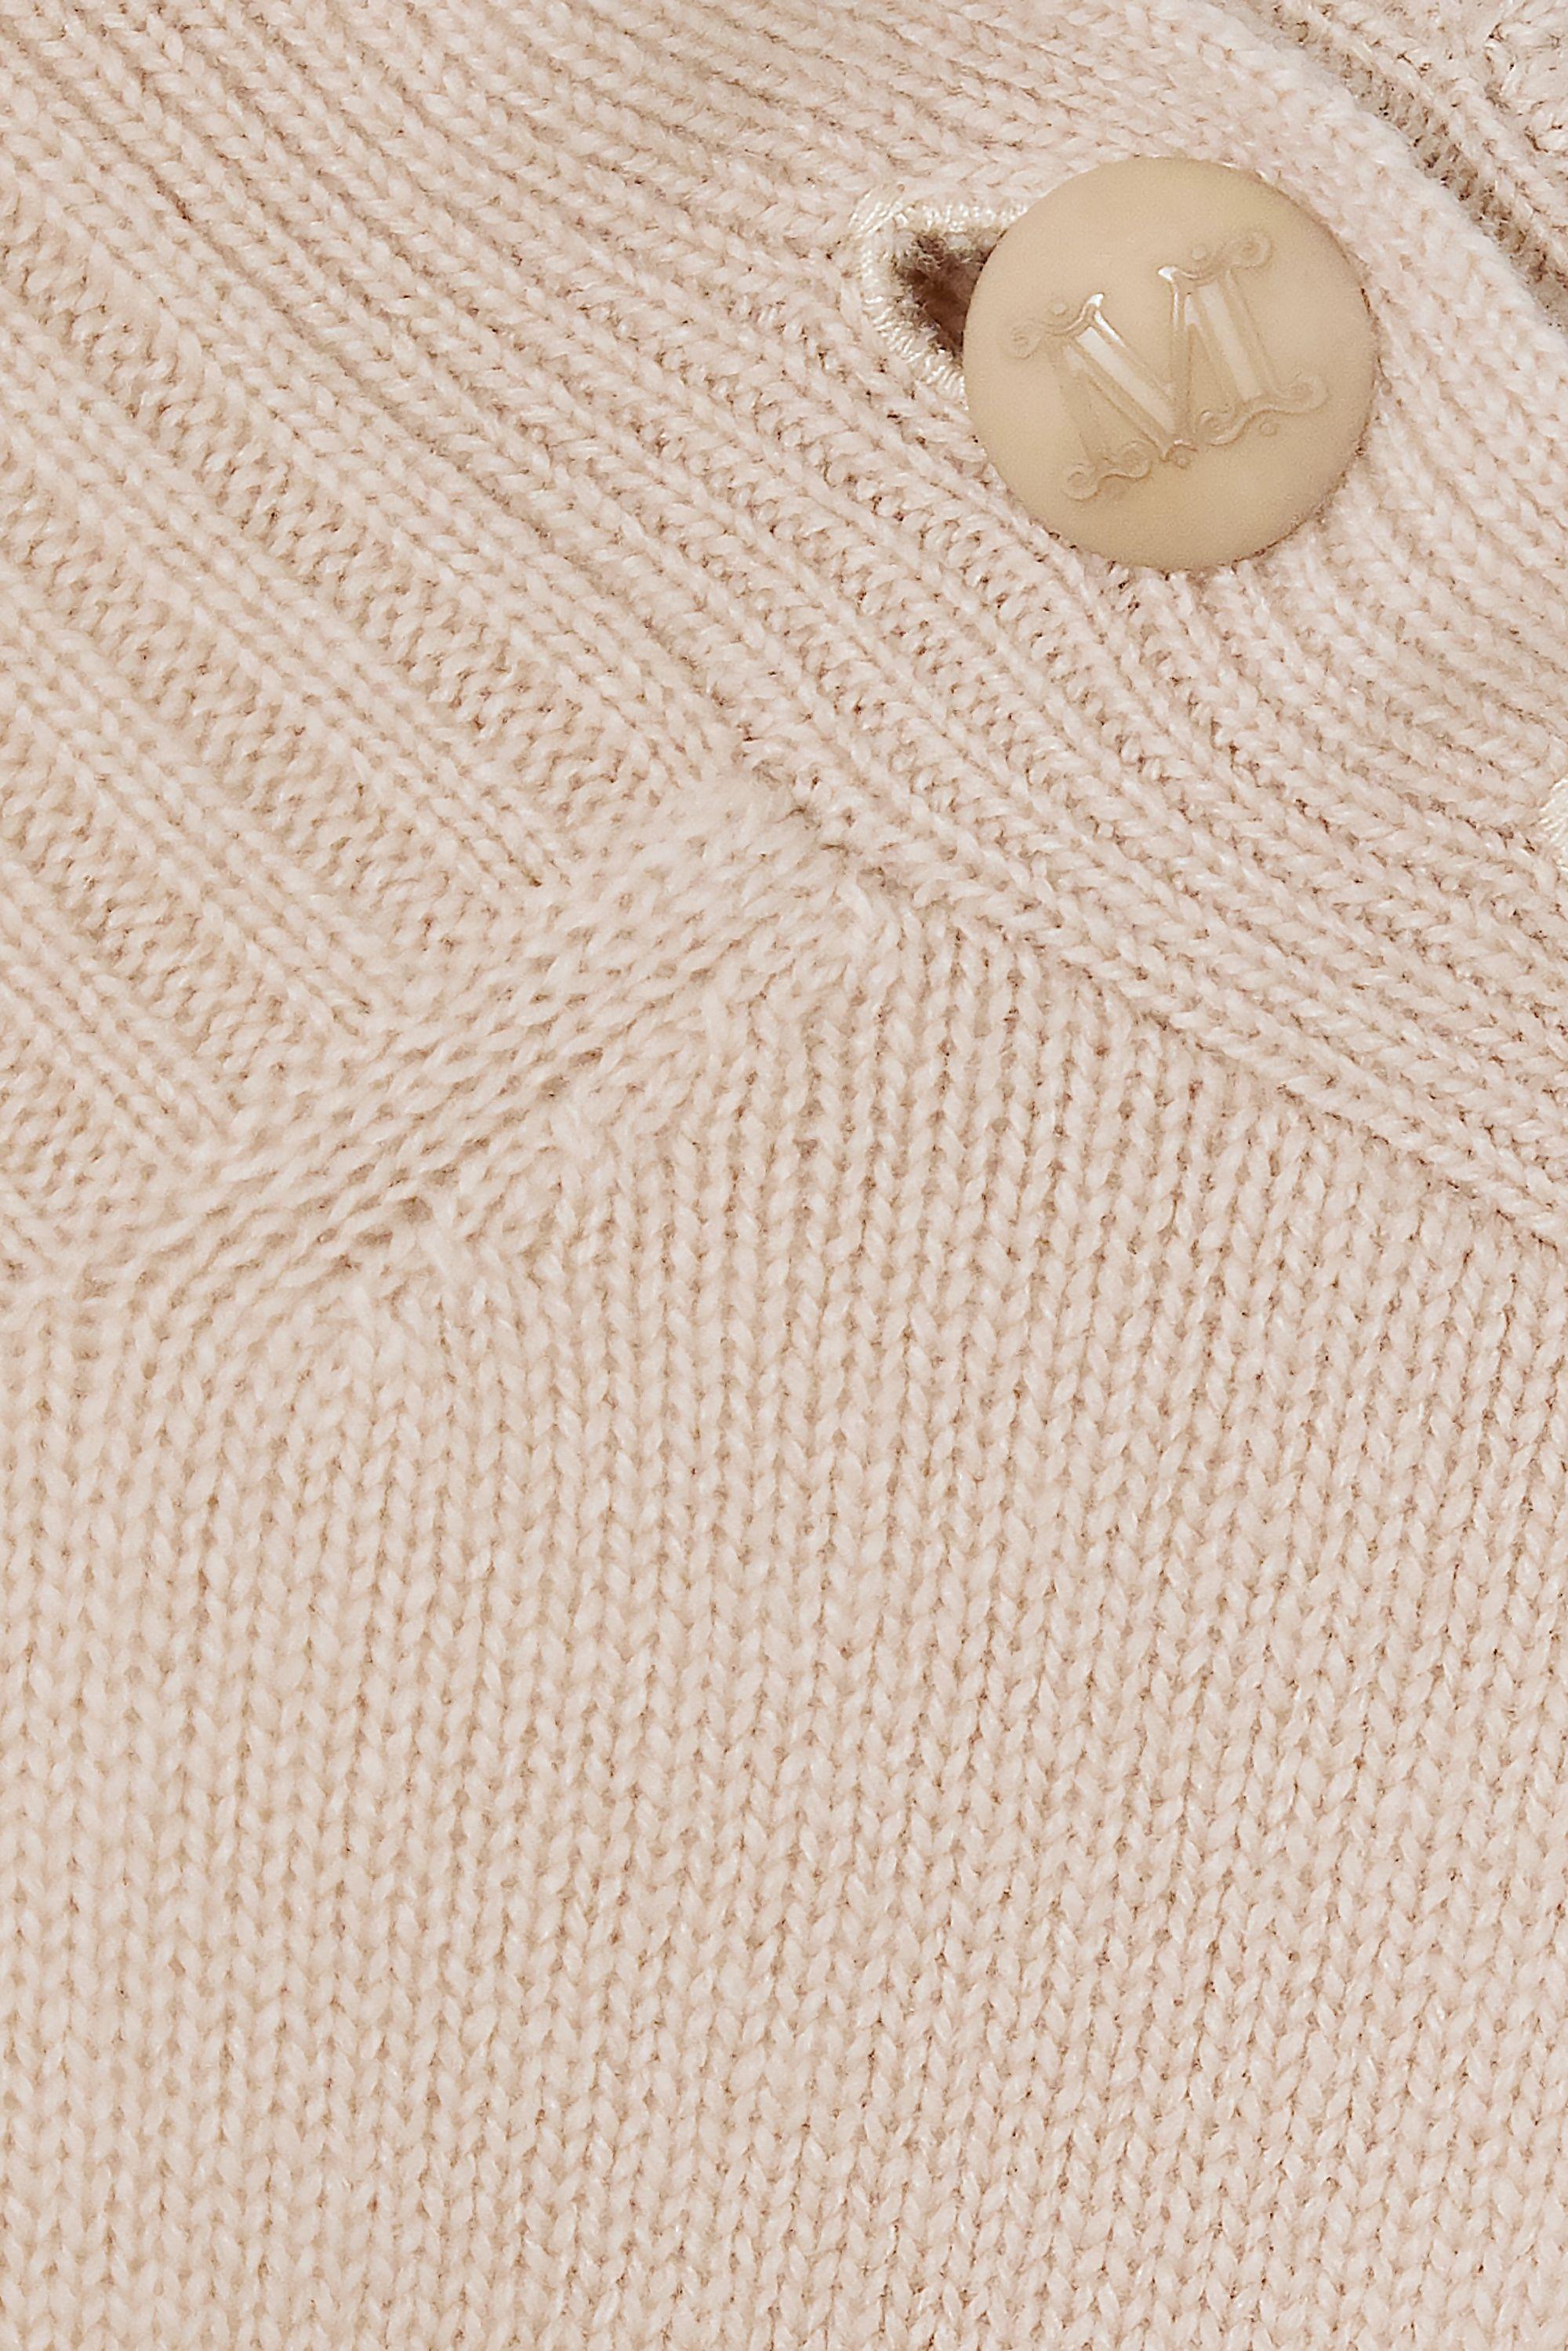 Max Mara Midikleid aus einer Woll-Kaschmirmischung mit Rollkragen und Knöpfen